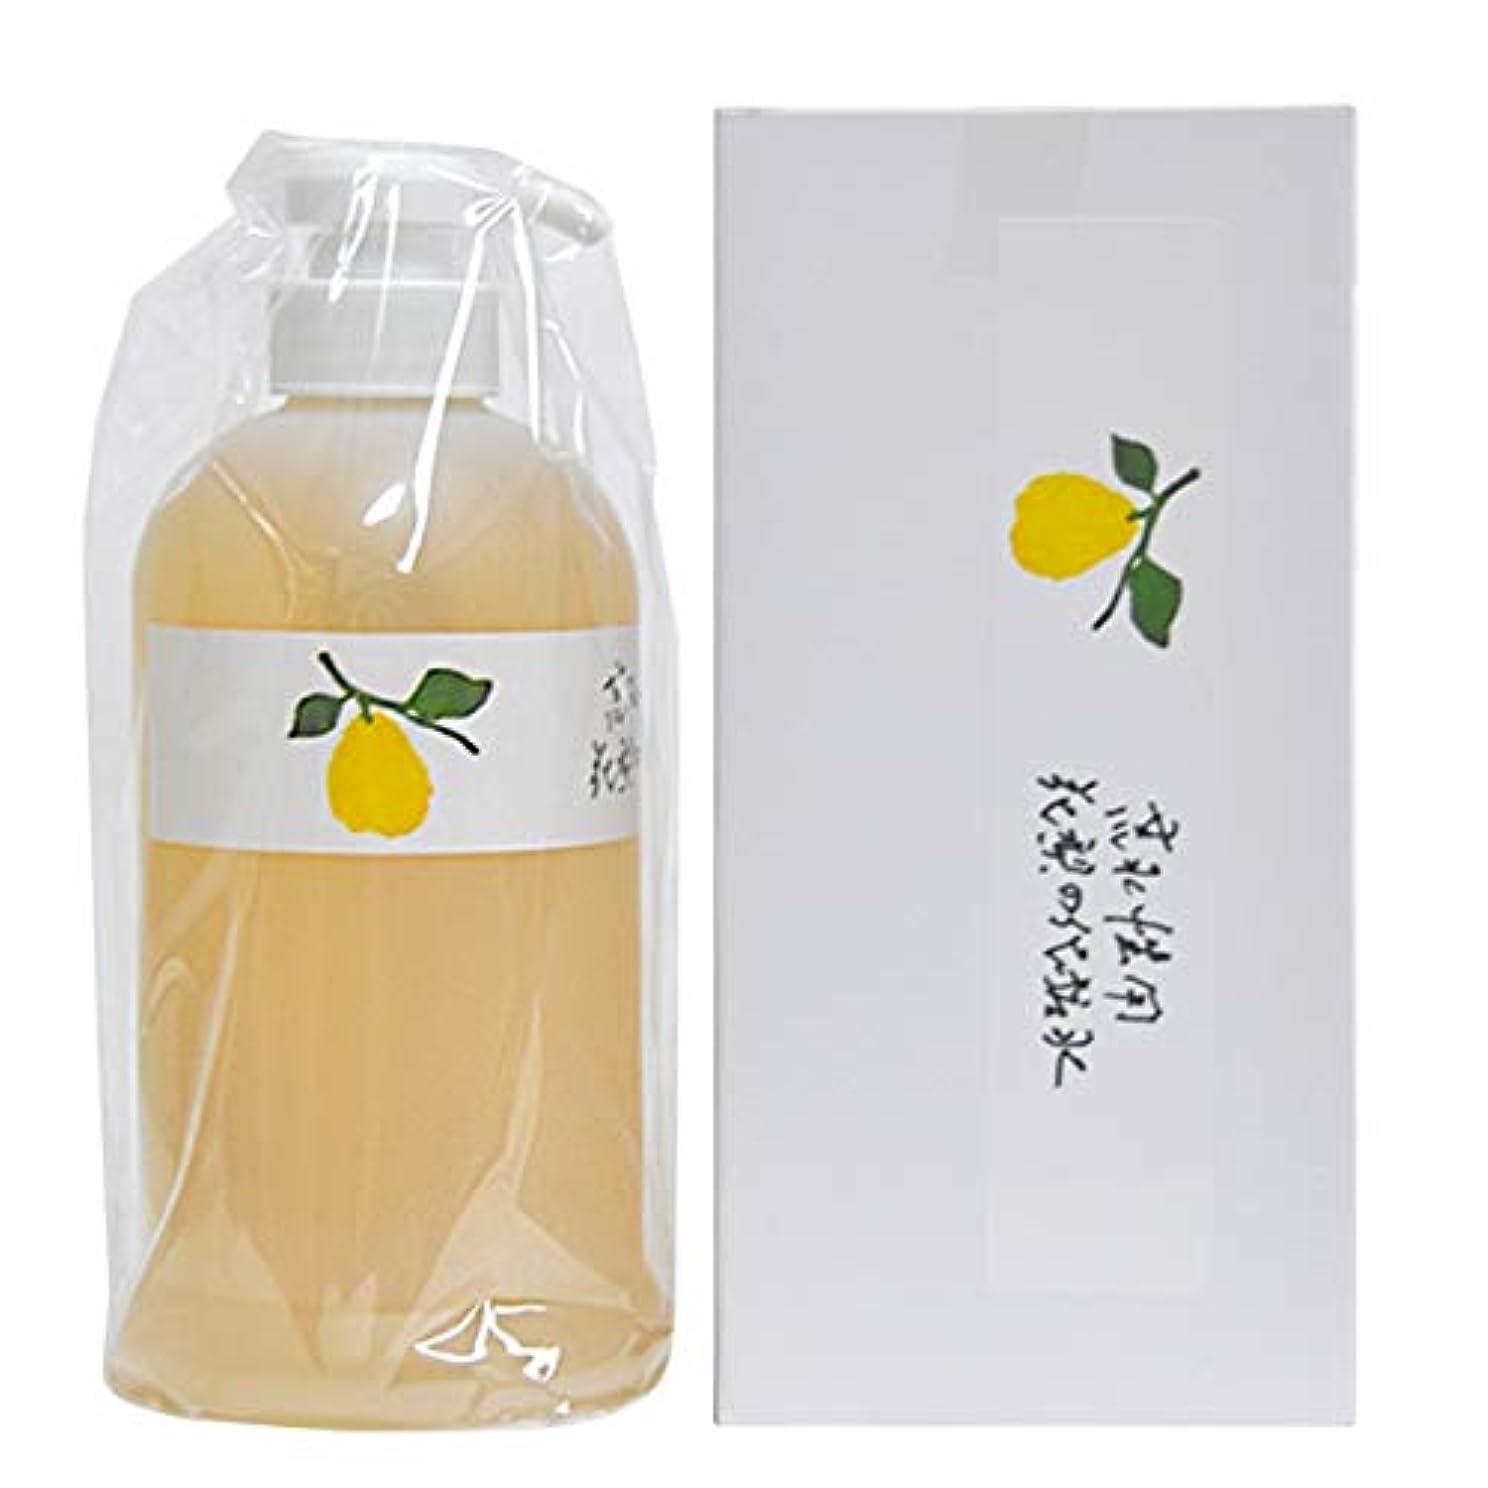 ペイント父方のビタミン花梨の化粧水 お徳用ホームサイズ 630ml